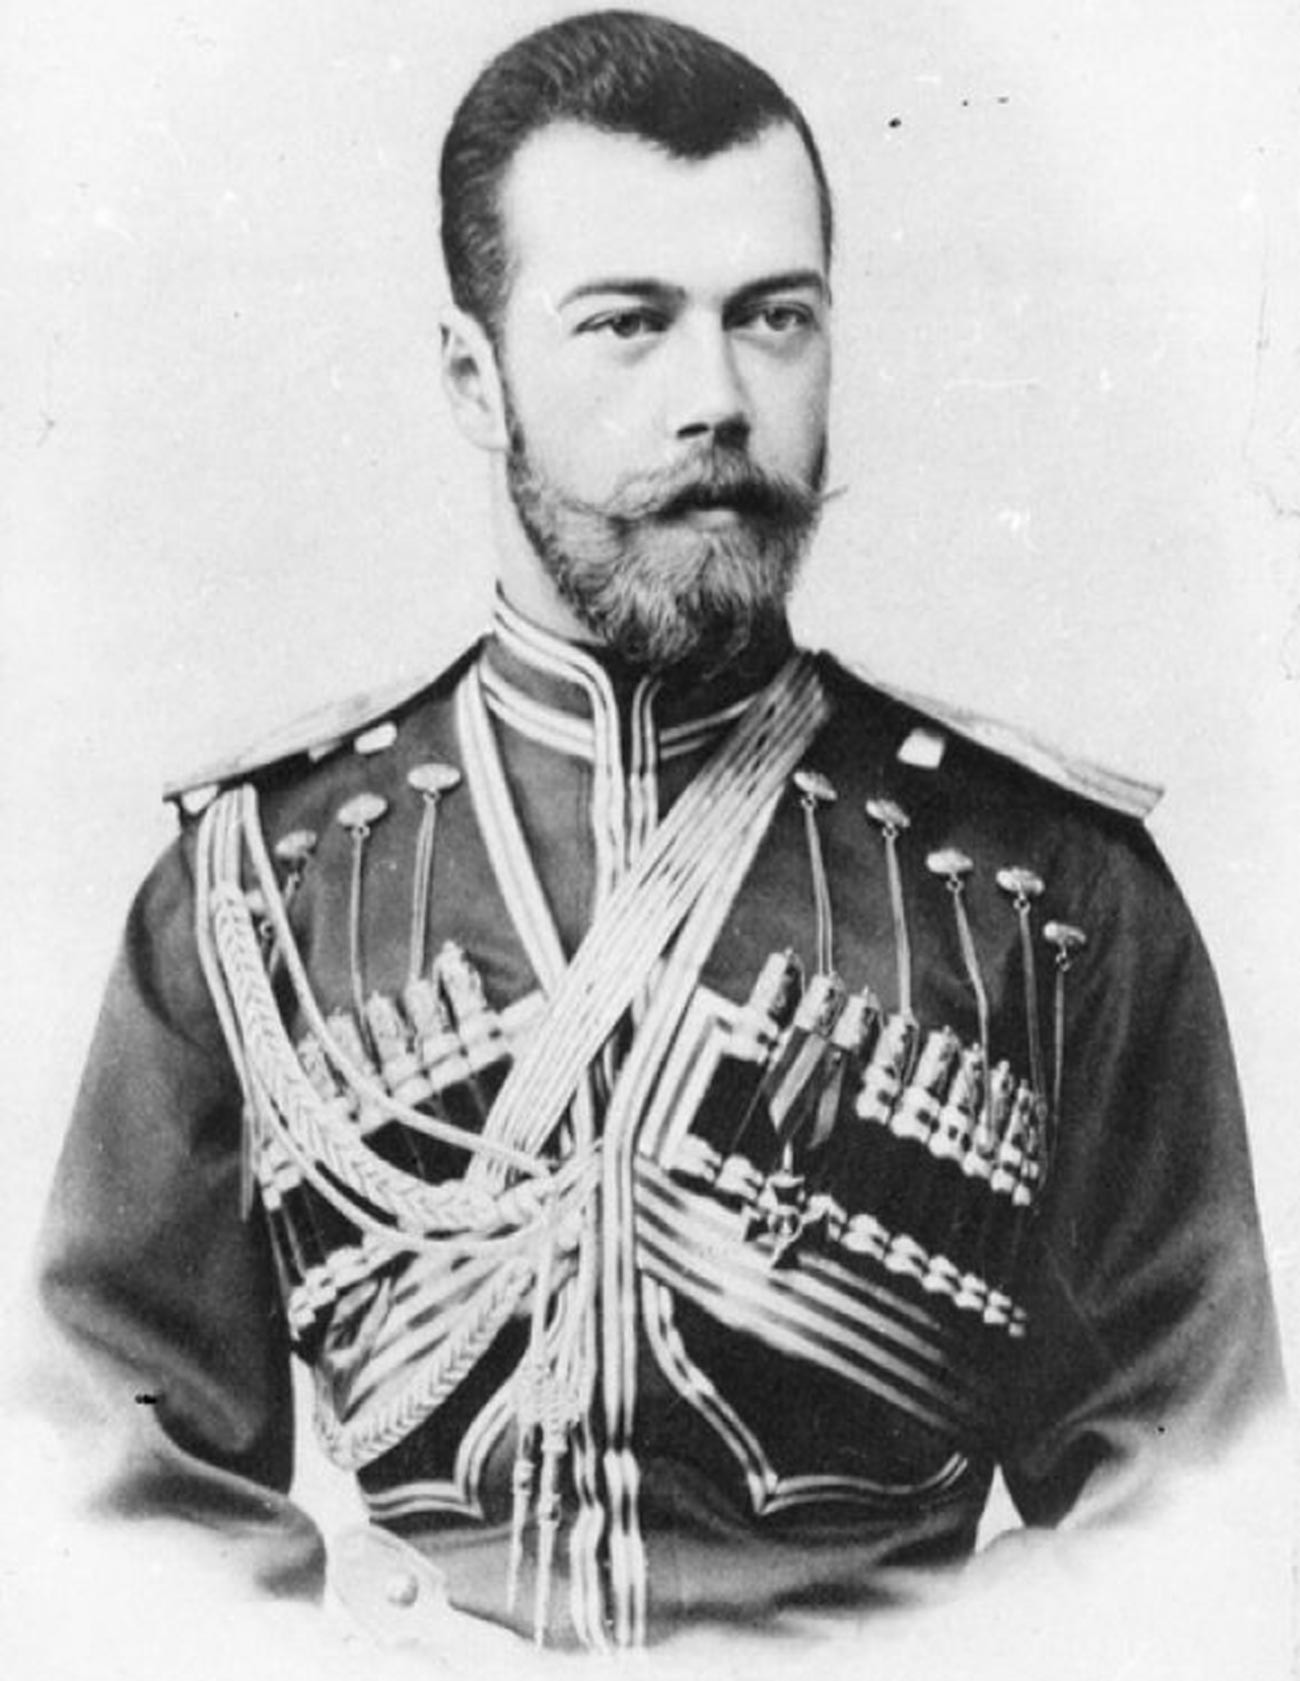 Император Николај II у униформи Лејб-гардијског хусарског пука.